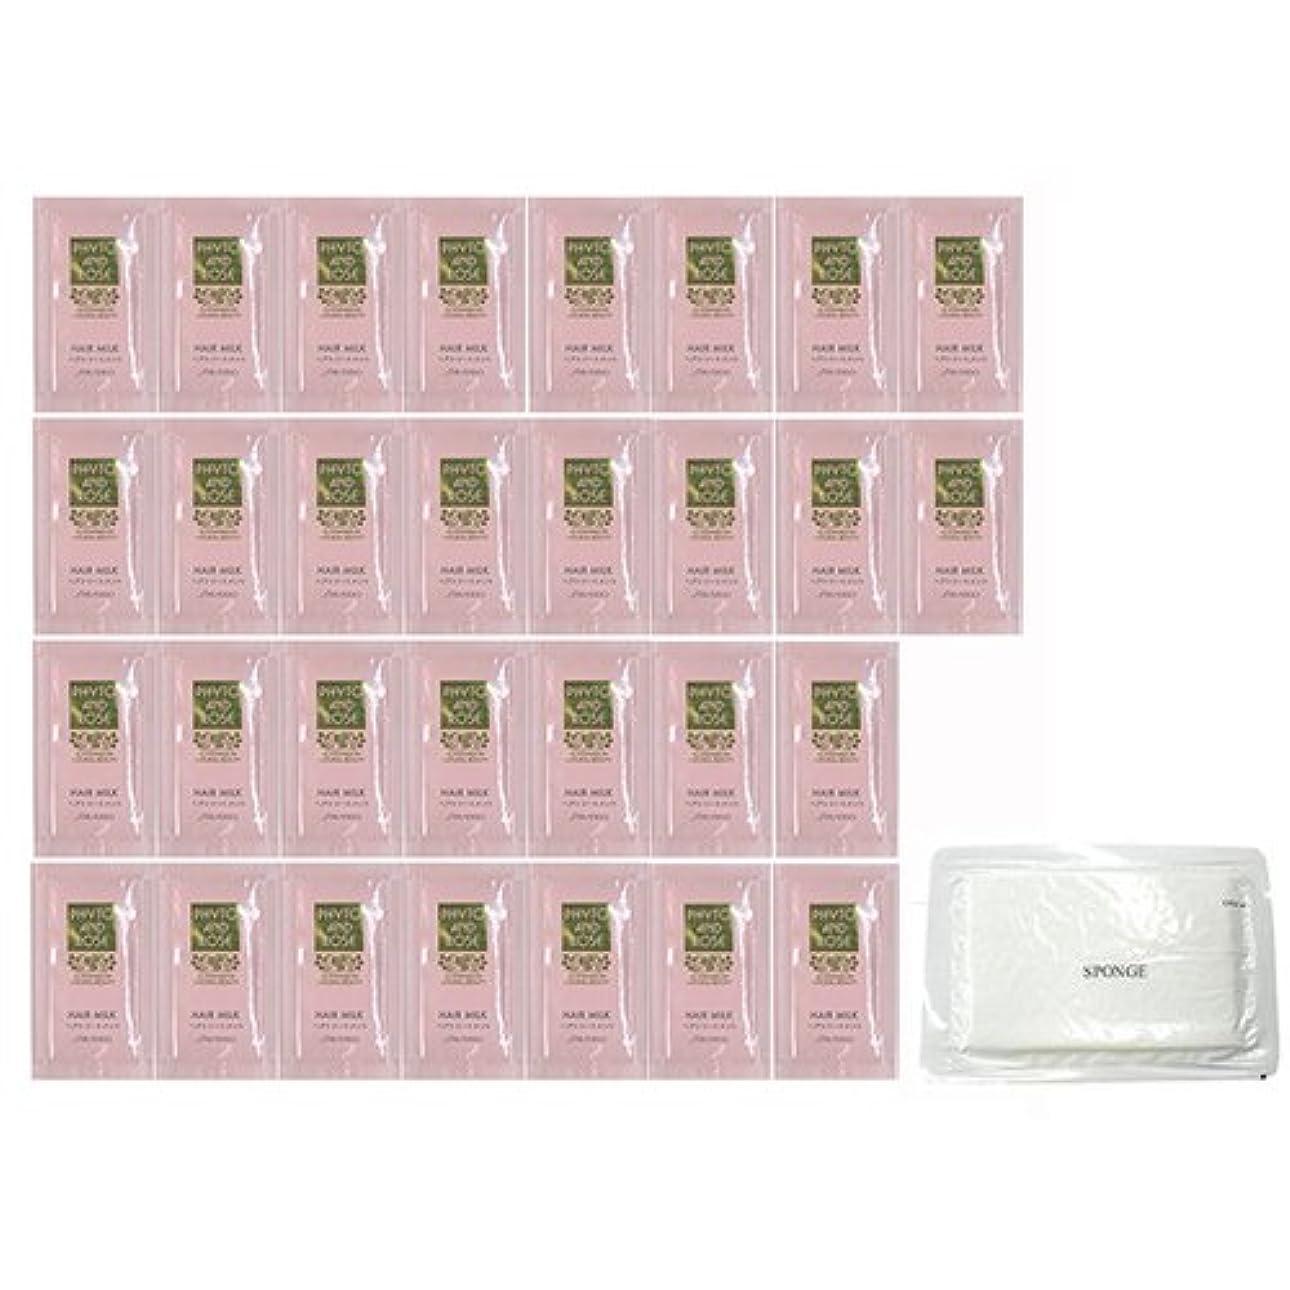 酸っぱい軽く認める資生堂 フィト アンド ローズ パウチ ヘアミルク 3ml × 30個 + 圧縮スポンジセット